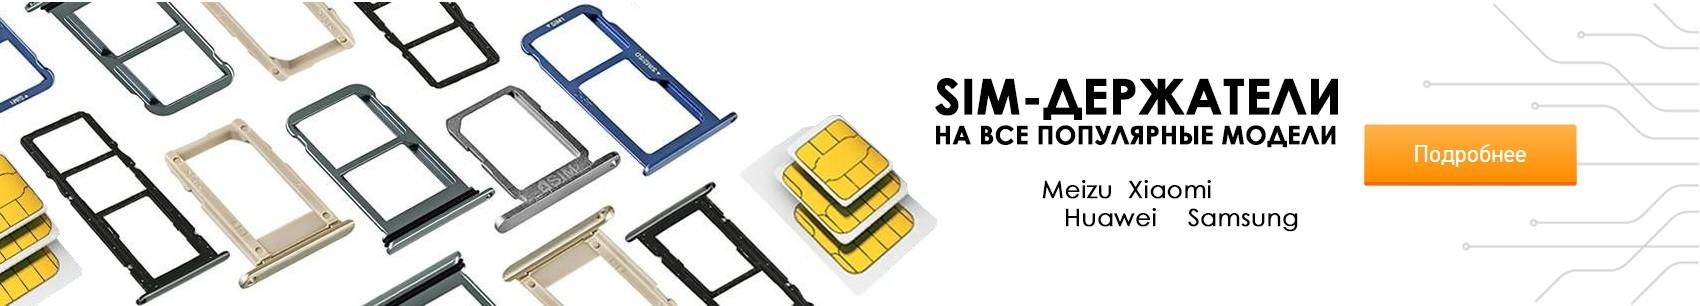 SIM-держатели